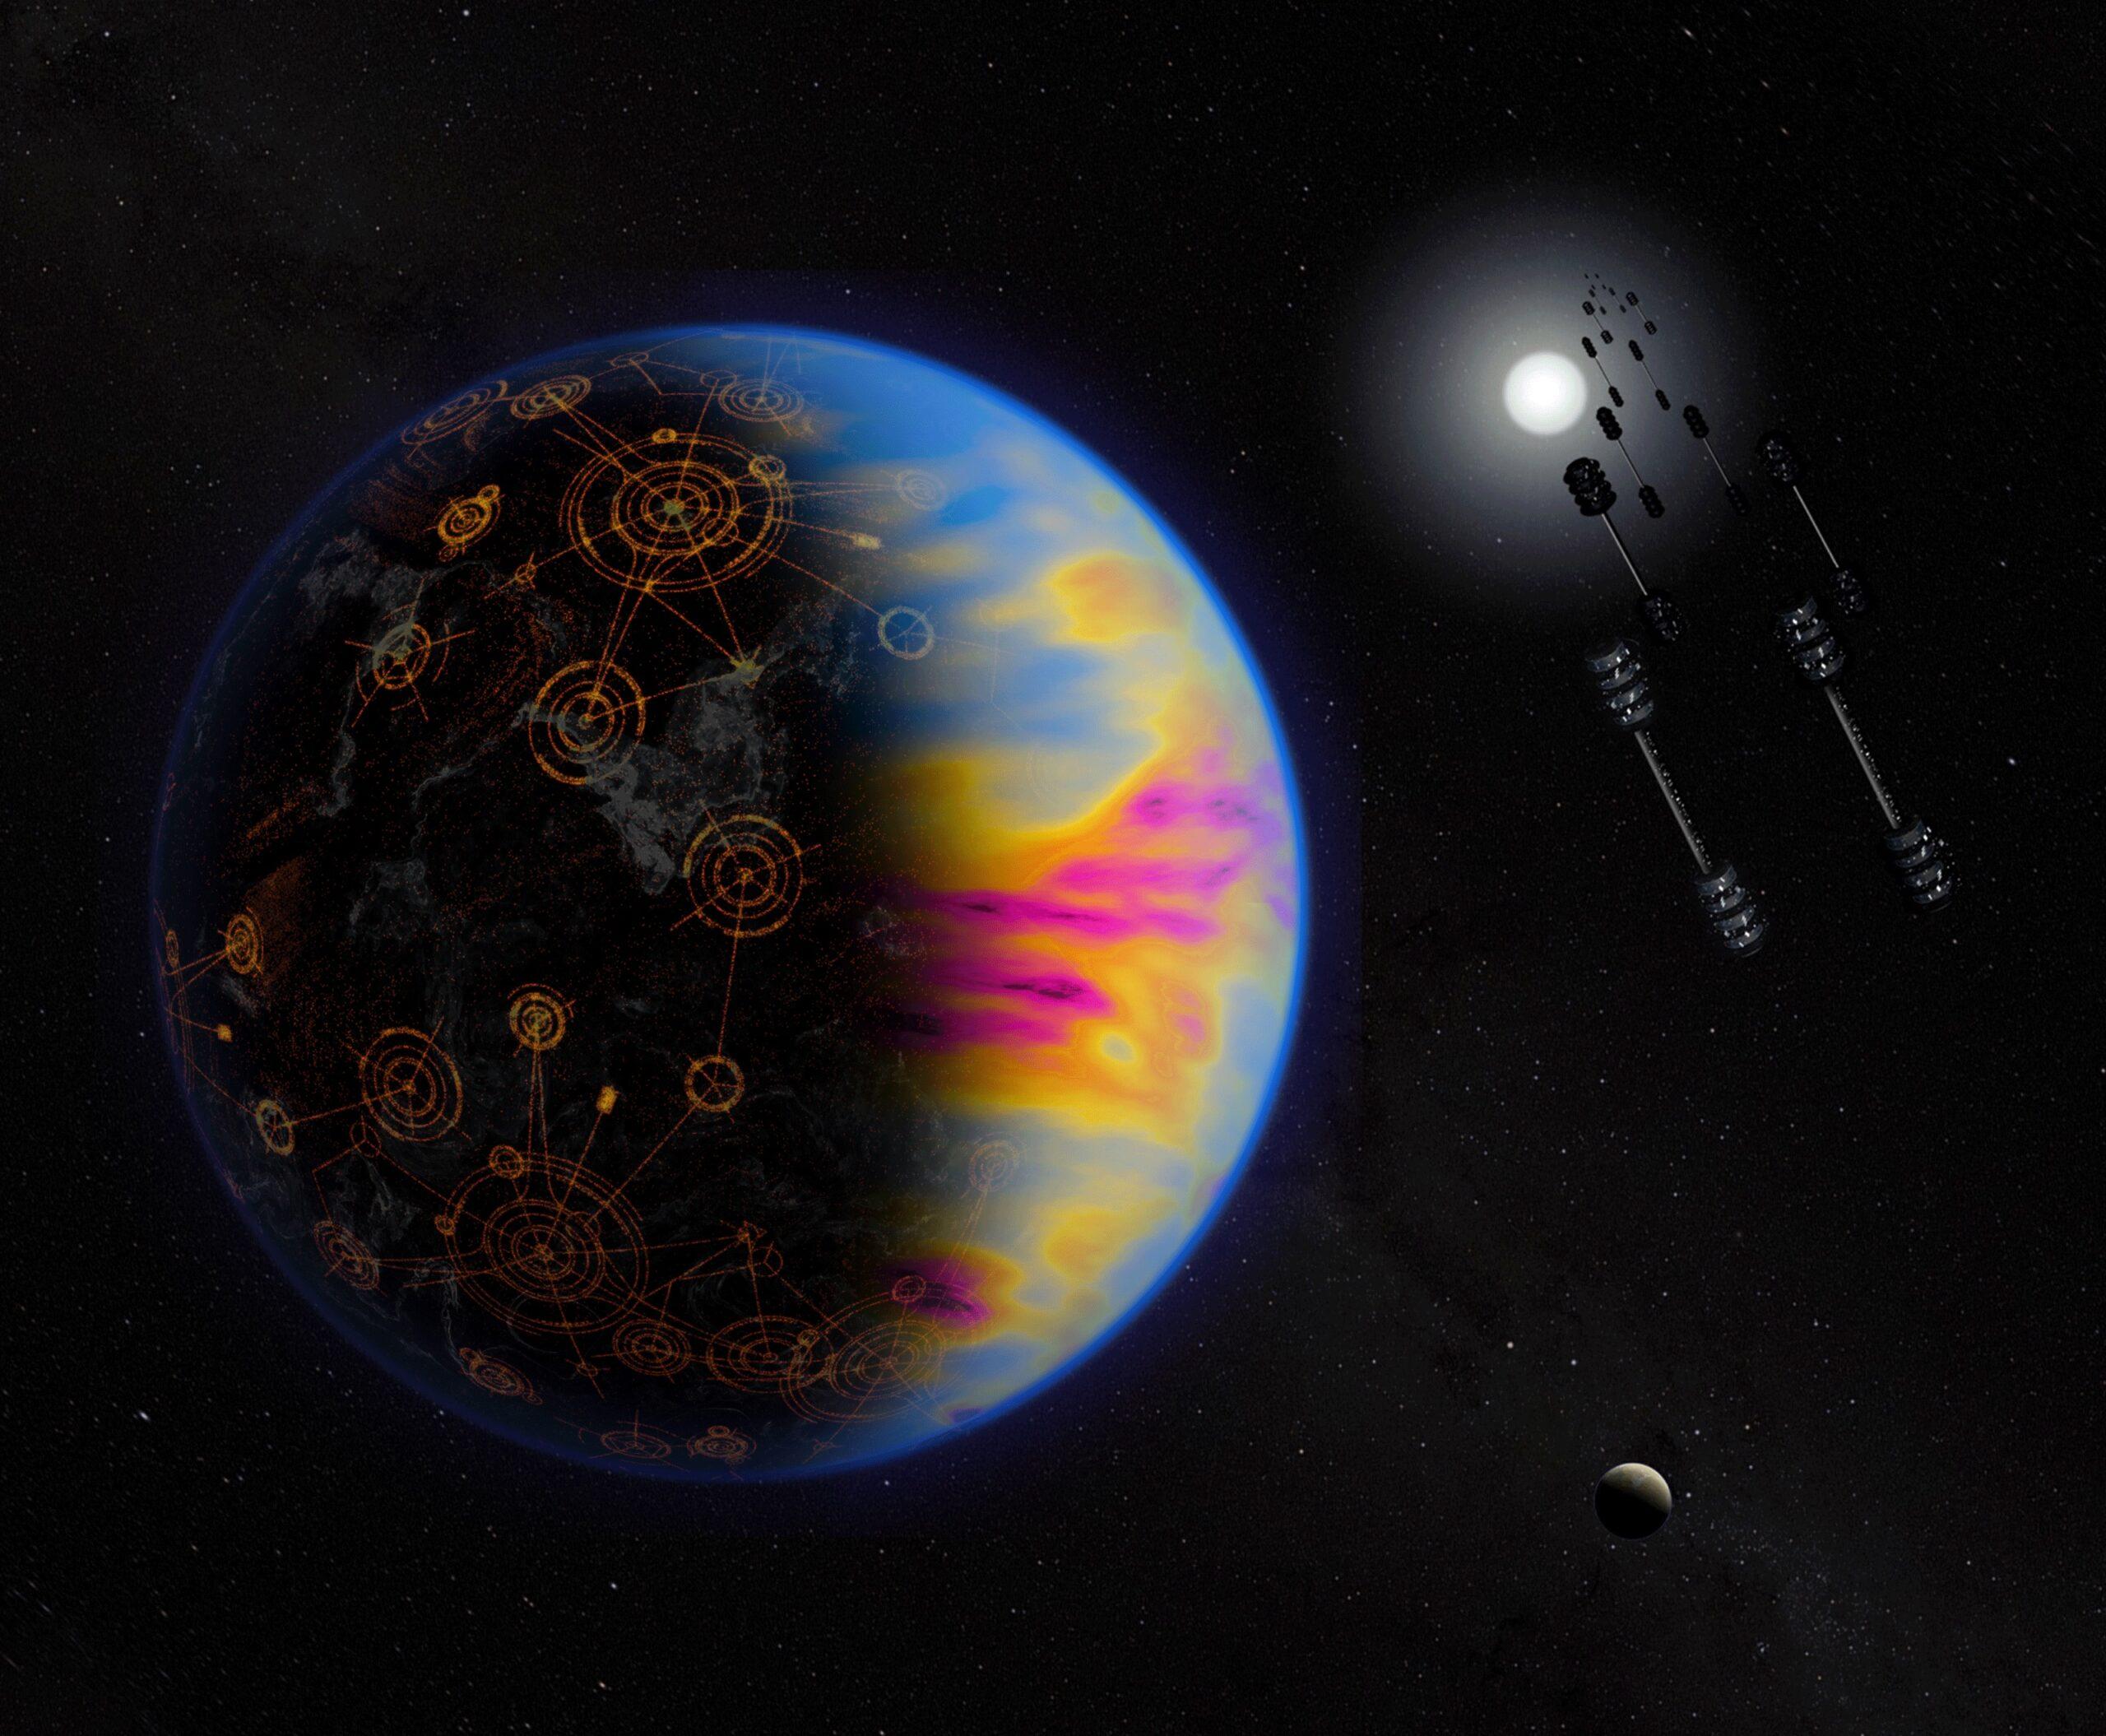 Illustrazione di un pianeta abitato da una civiltà e vita sviluppata. I colori dell'atmosfera, appositamente esagerati, indicano l'inquinamento provocato dai processi industriali. Credits: NASA/Jay Freidlander